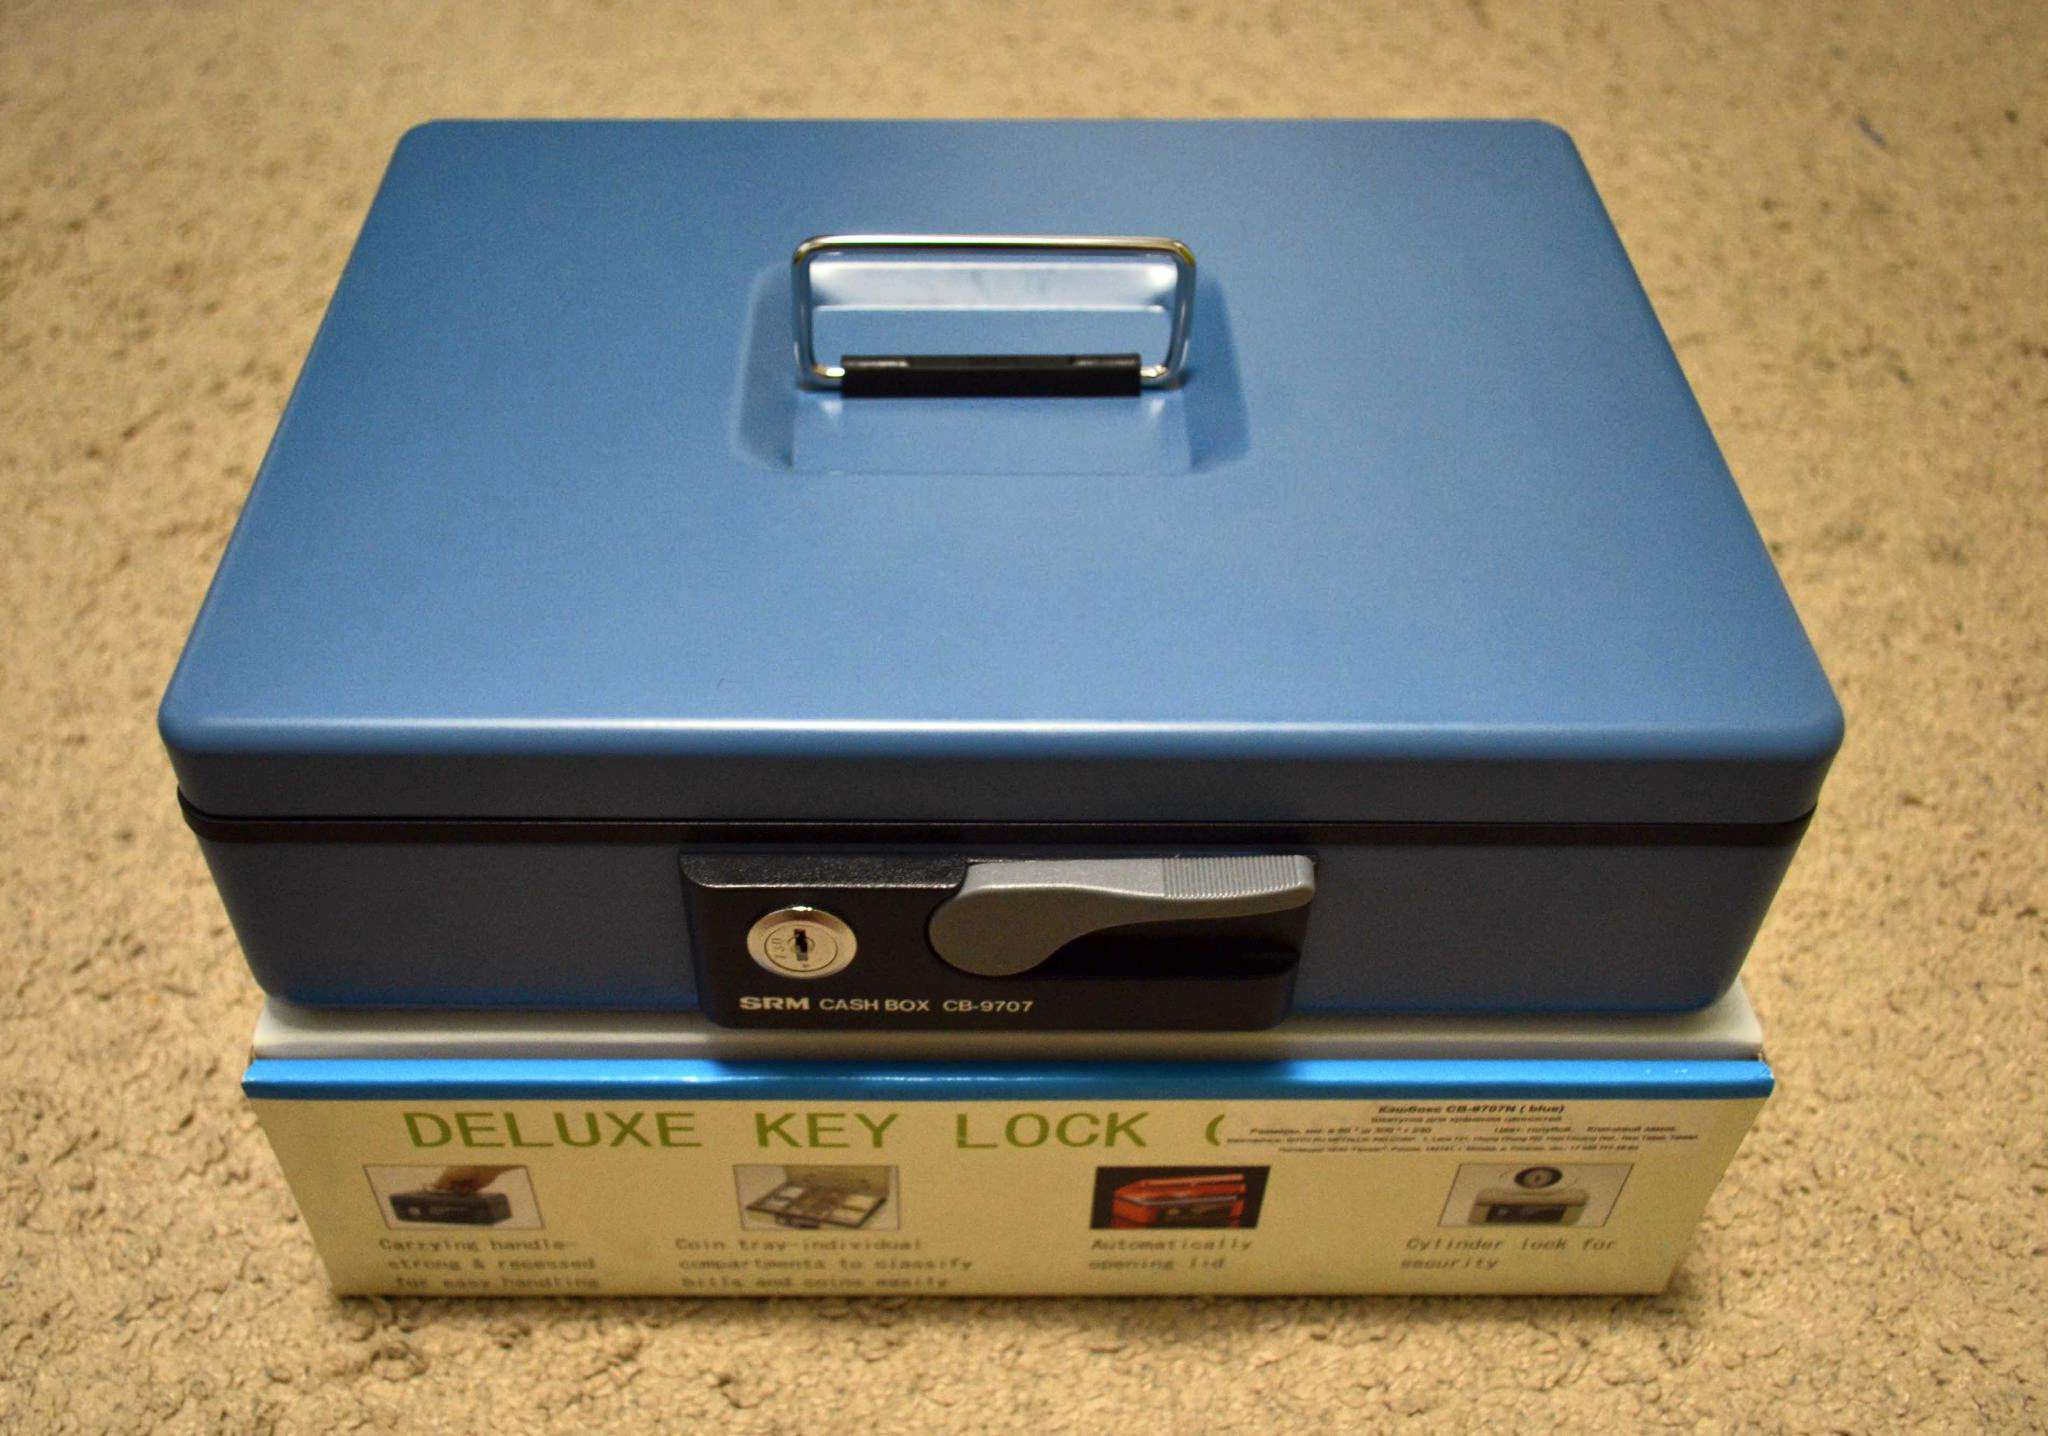 Кэшбокс CB-97 7N - Интернет магазин сейфов и